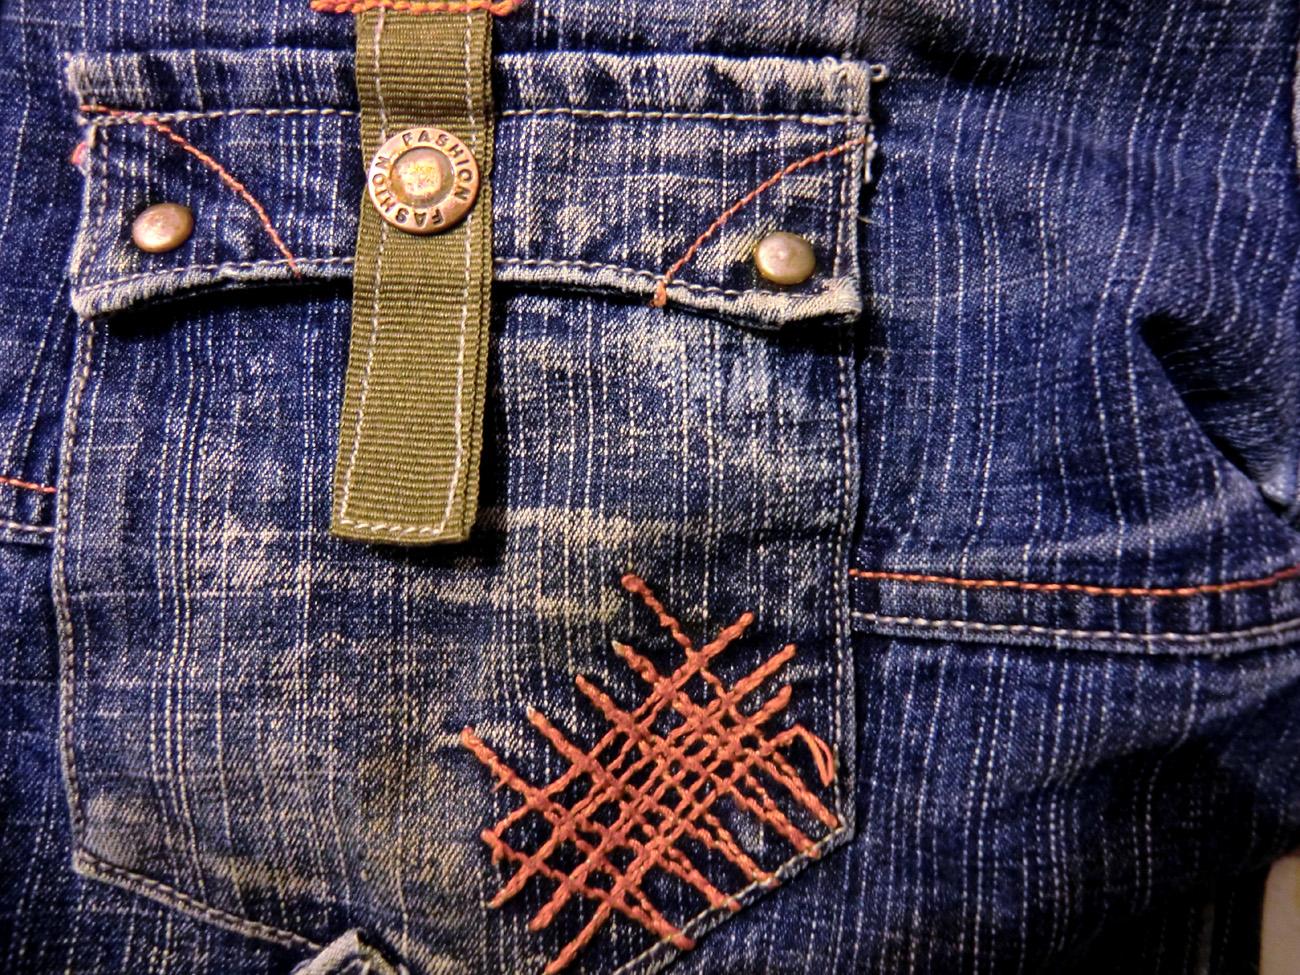 http://3.bp.blogspot.com/-U4kqKm3kZAA/TuiBGDKgdDI/AAAAAAAAY8s/A17zo4JiuAk/s1600/Gruge+Jeans+Wallpapers+%25283%2529.jpg